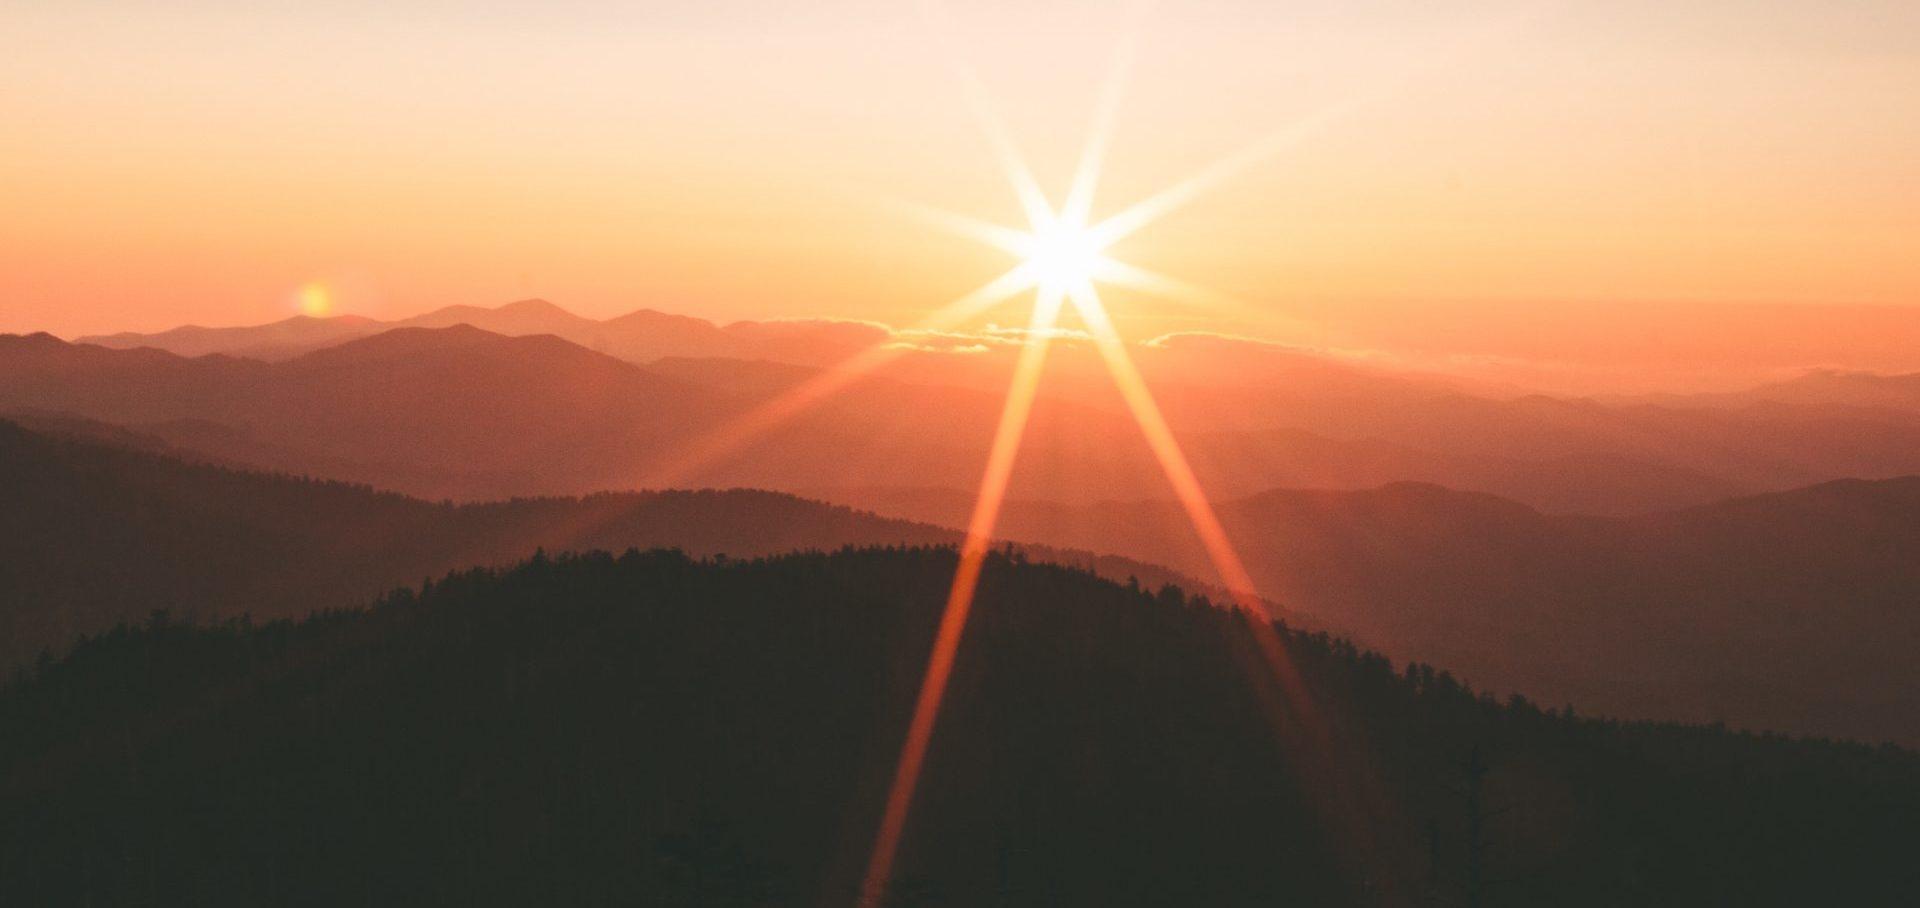 kichanie na słońcu